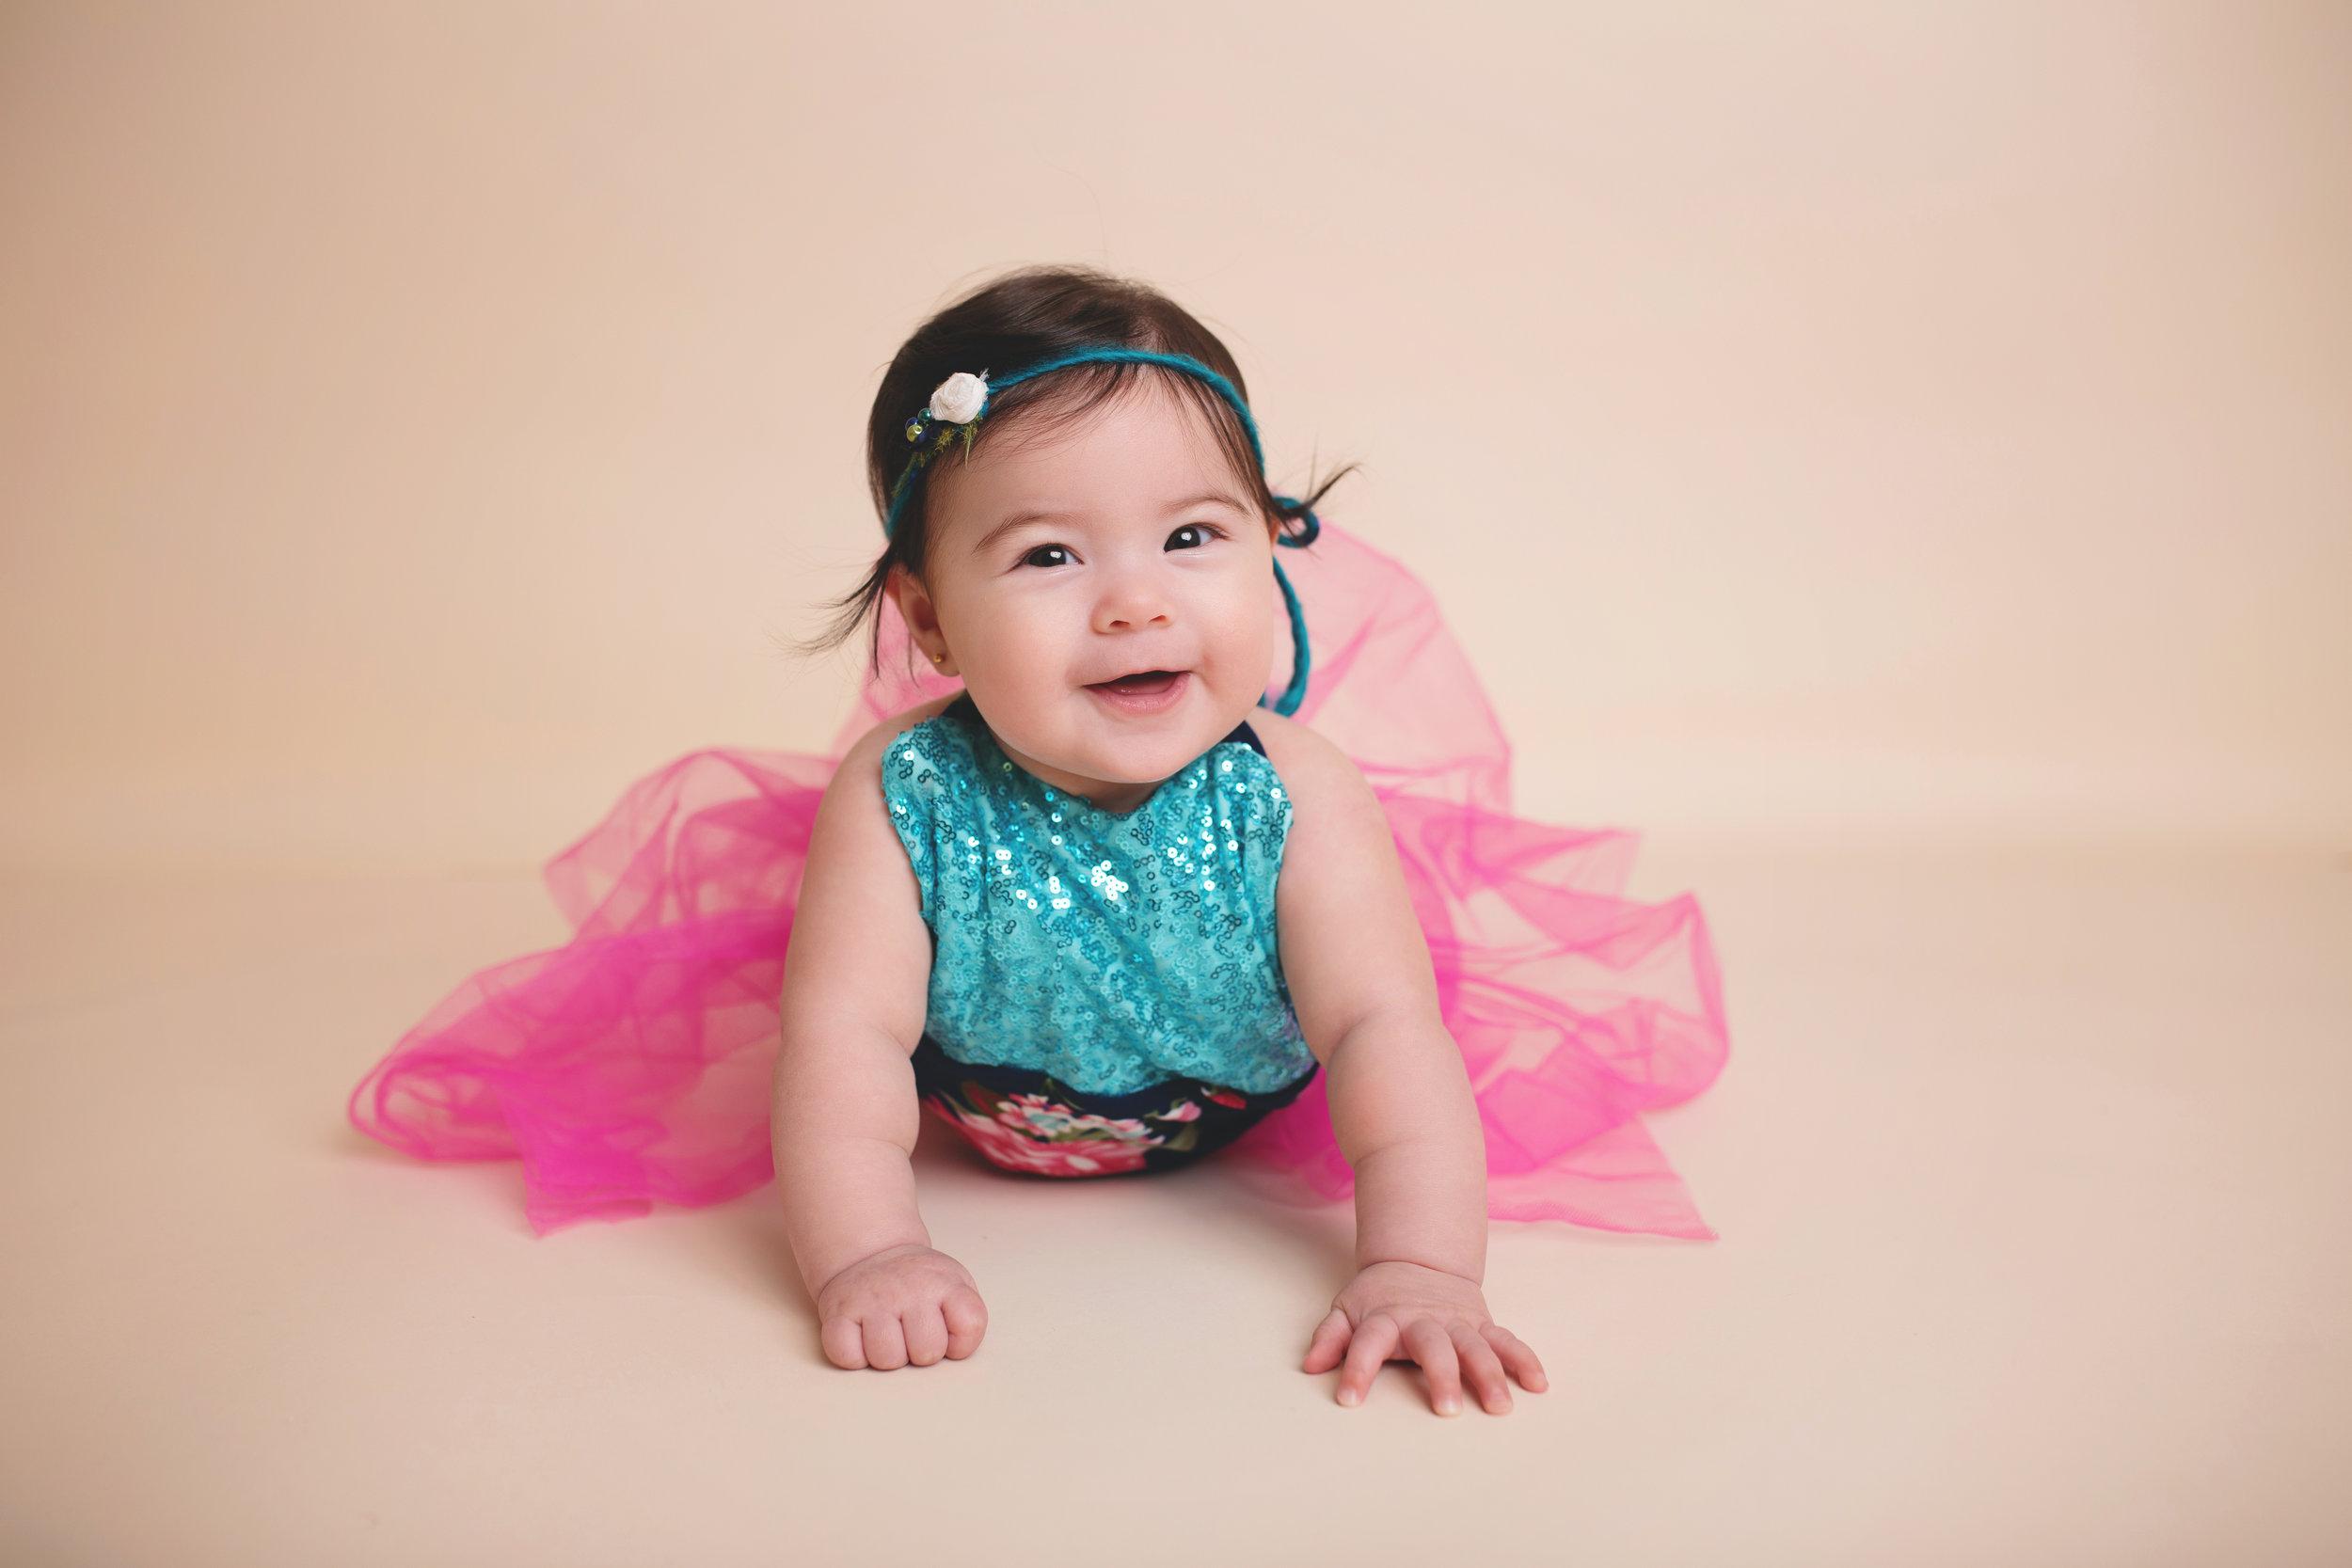 anchorage-newborn-photography-5.jpg